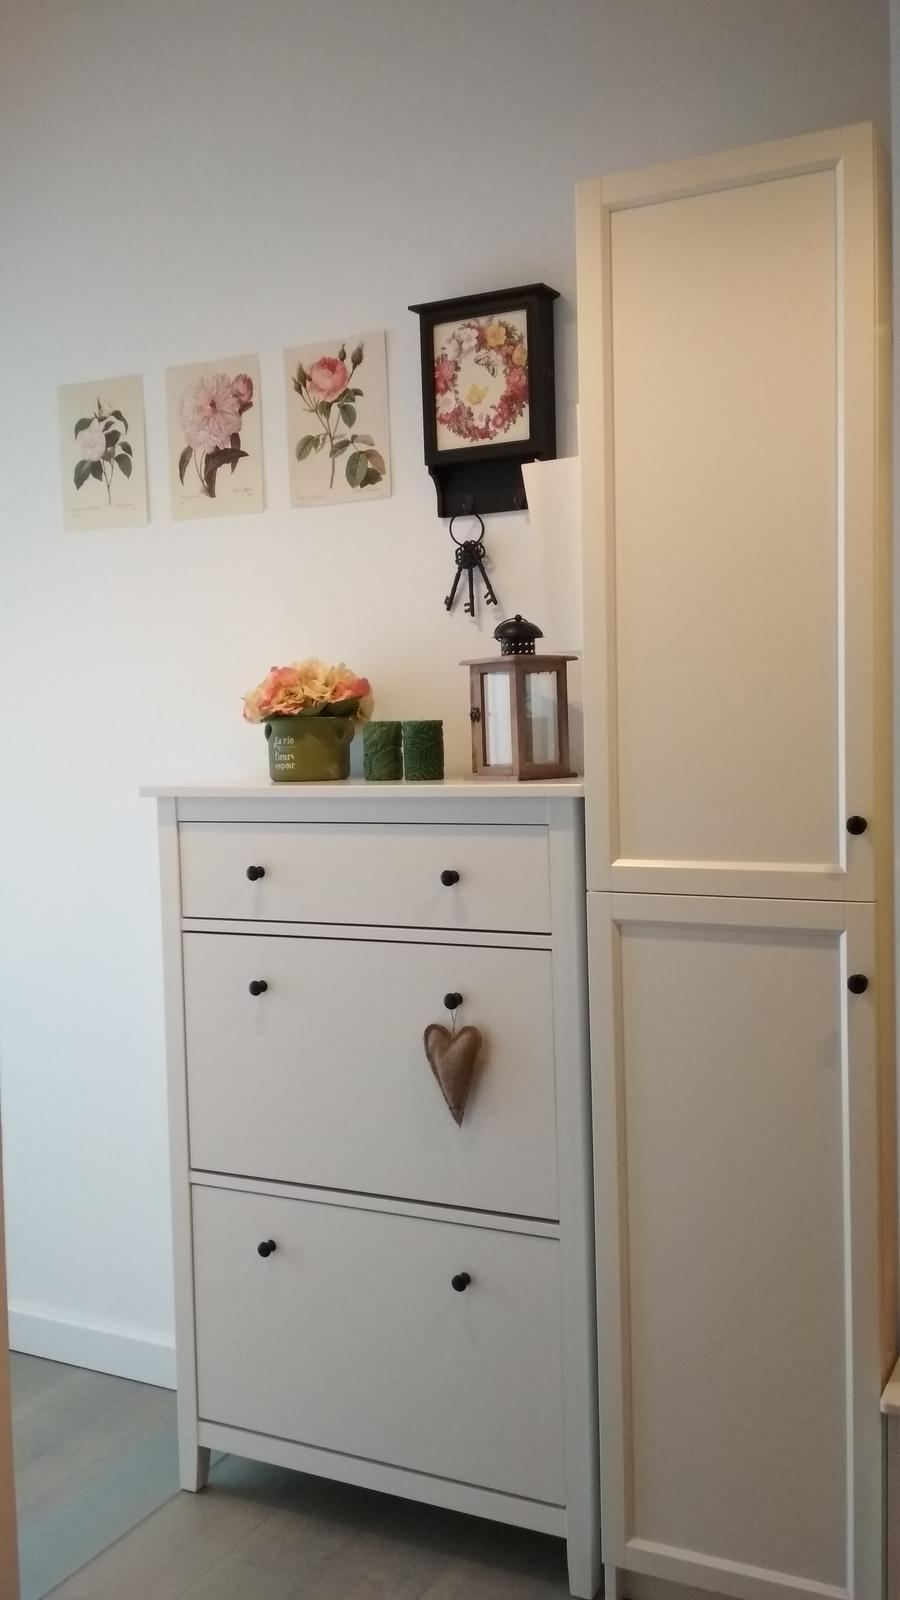 Náš domček ♡ Bramasole ♡ ... Stilo interiér aj exteriér 3. rok bývania - Obrázok č. 53